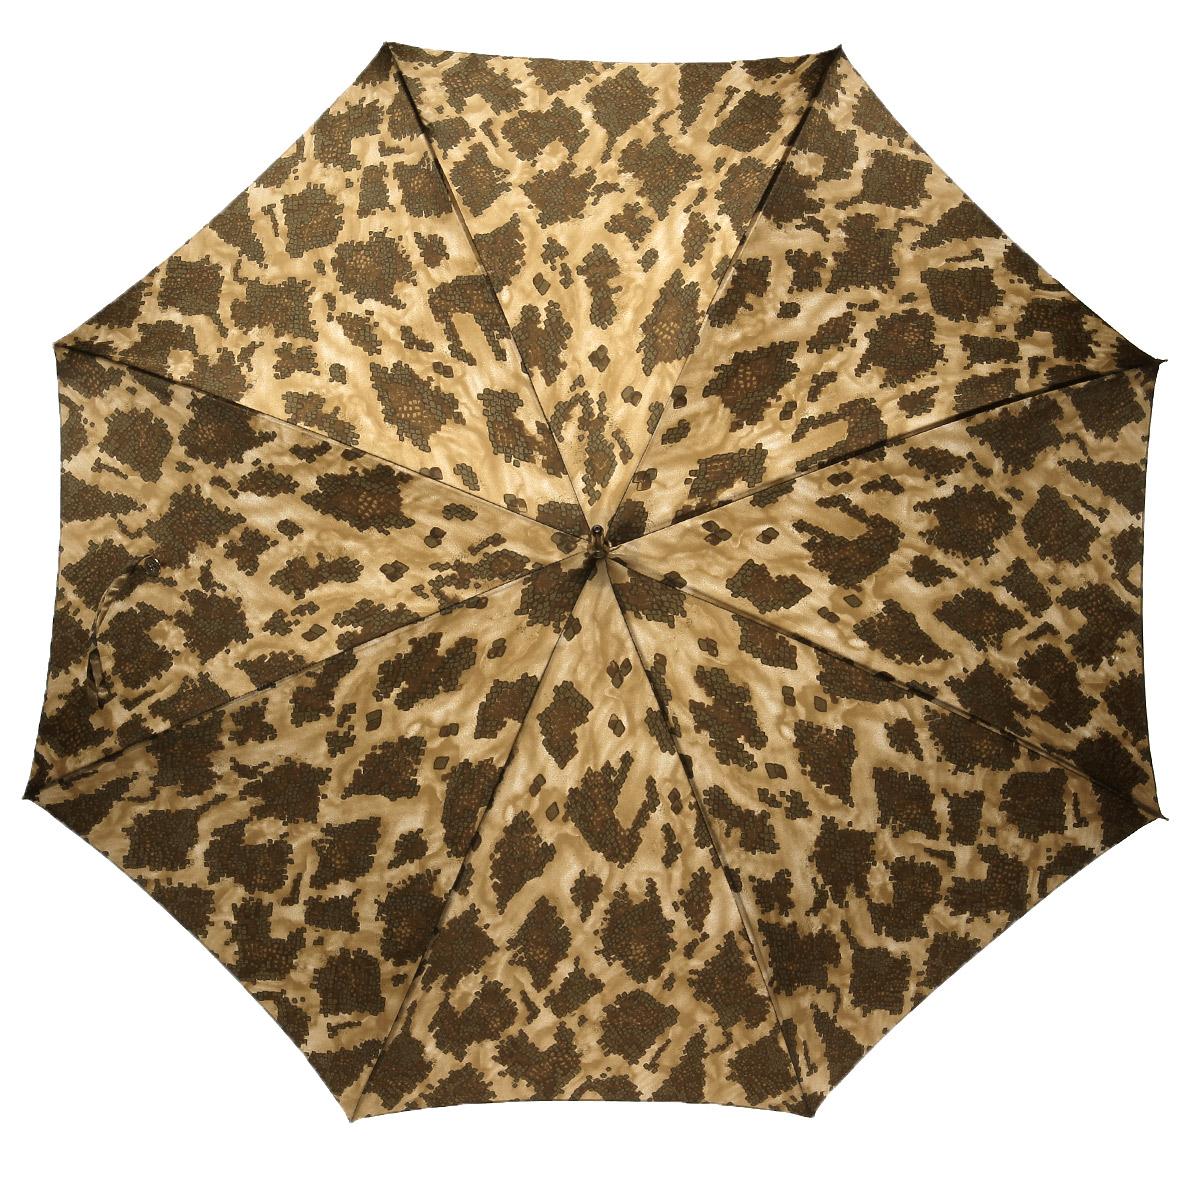 Зонт-трость Pasotti, полуавтомат, бежевый20-1410-61-V10Стильный полуавтоматический зонт-трость Pasotti даже в ненастную погоду позволит вам оставаться элегантной. Каркас зонта из стали состоит из восьми спиц. Рукоятка удобной закругленной формы выполнена из стали с изящным орнаментом и оформлена стразами. Зонт имеет полуавтоматический механизм сложения: купол открывается нажатием кнопки на рукоятке, а закрывается вручную до характерного щелчка. Купол зонта выполнен из прочного полиамида и оформлен принтом под чешую. Закрытый купол фиксируется хлястиком на пуговицу. Такой зонт не только надежно защитит вас от дождя, но станет стильным аксессуаром и позволит вам подчеркнуть свою индивидуальность.